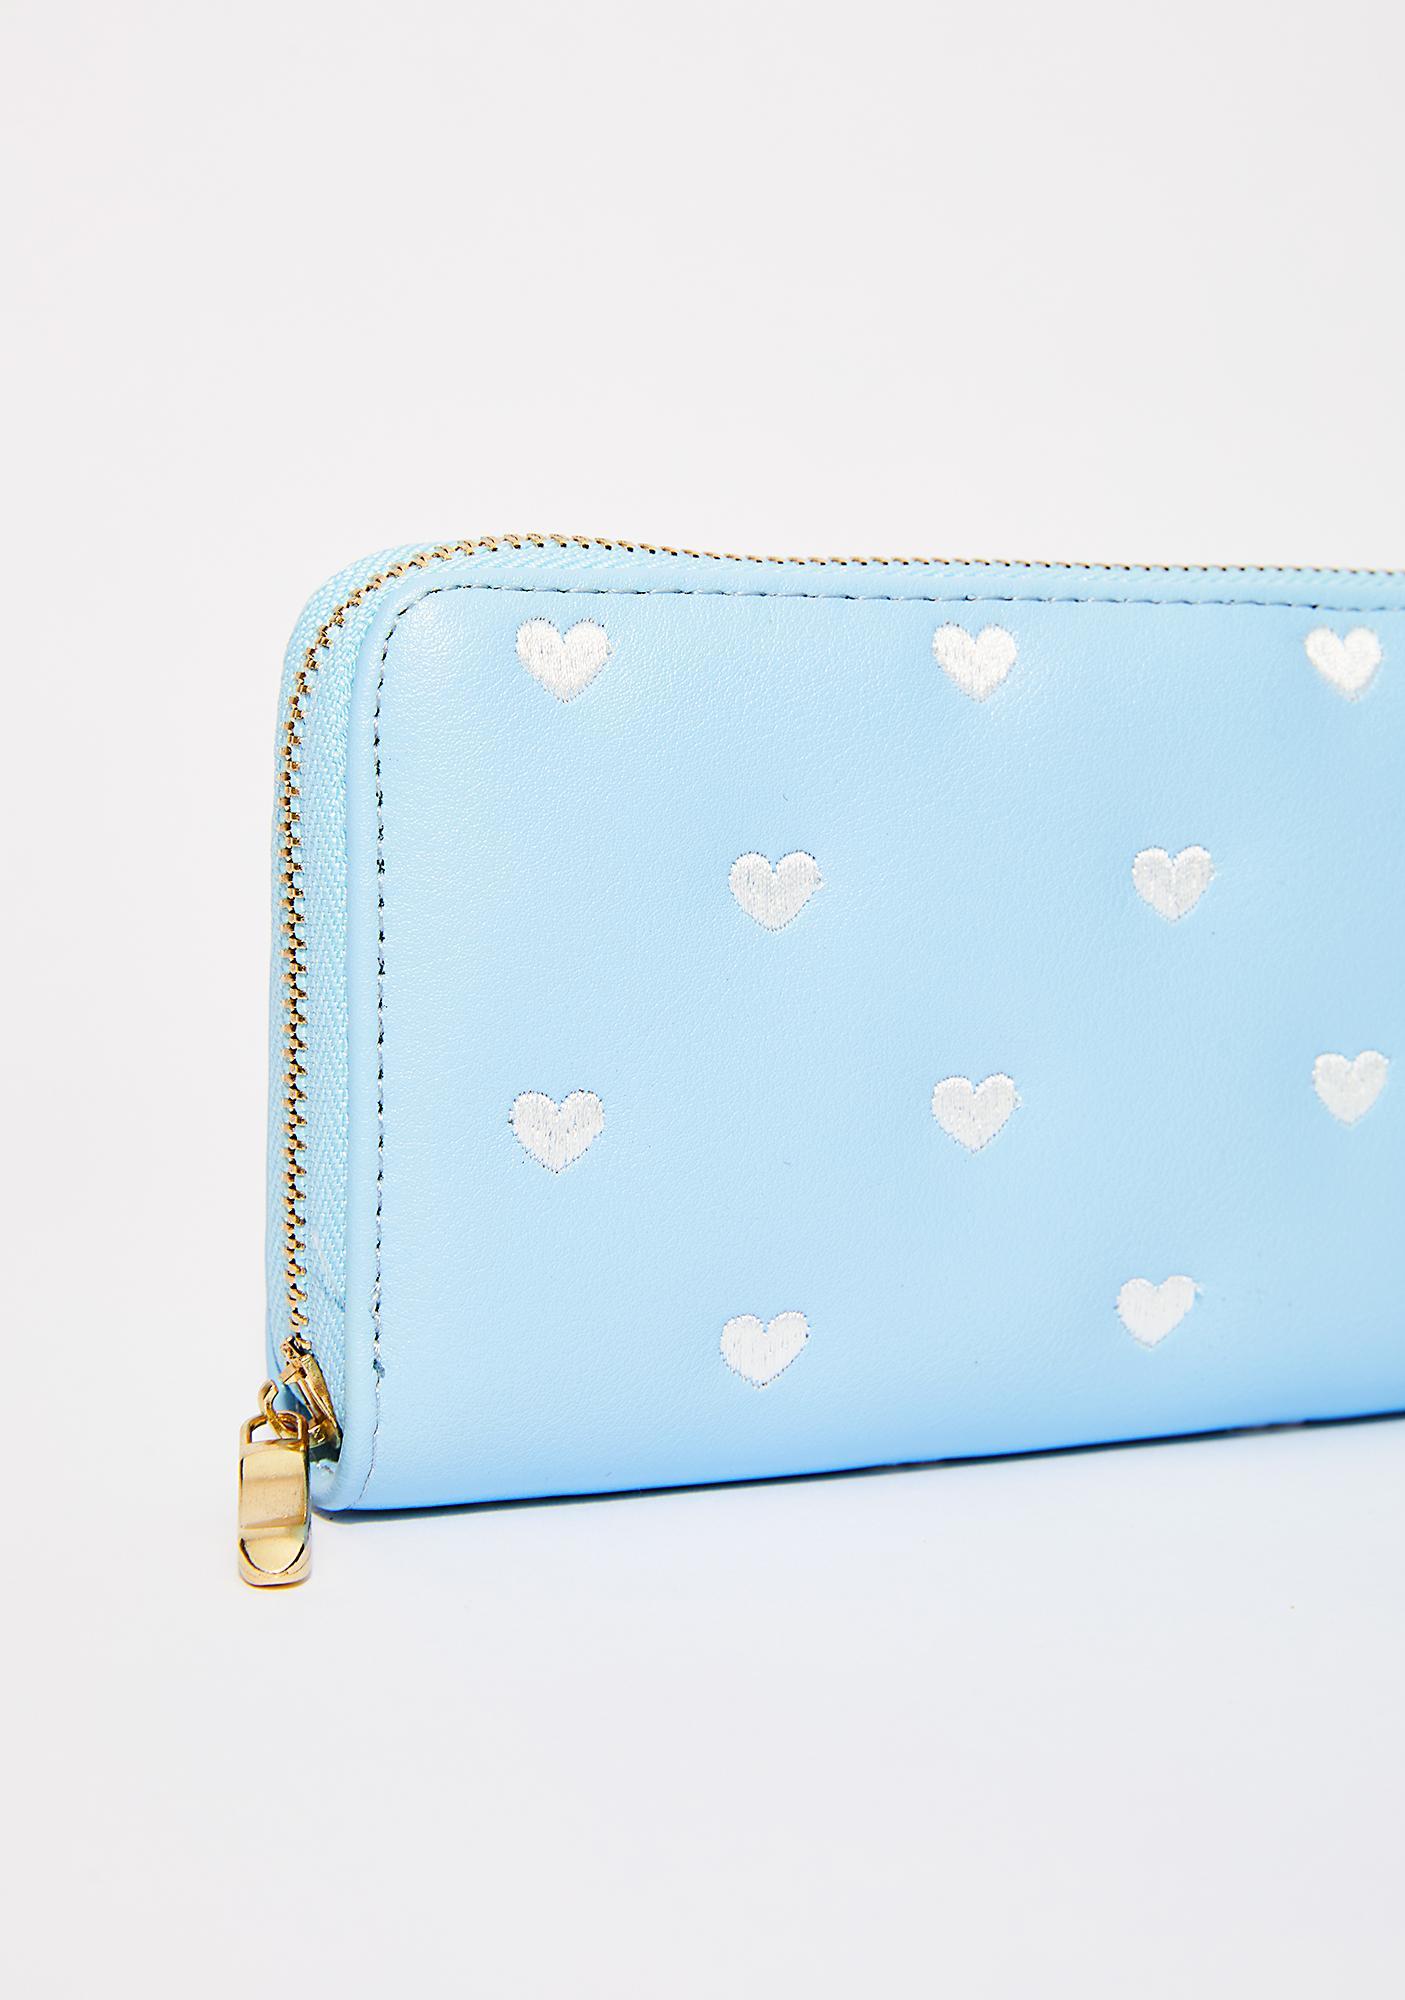 No Heart Feelings Wallet